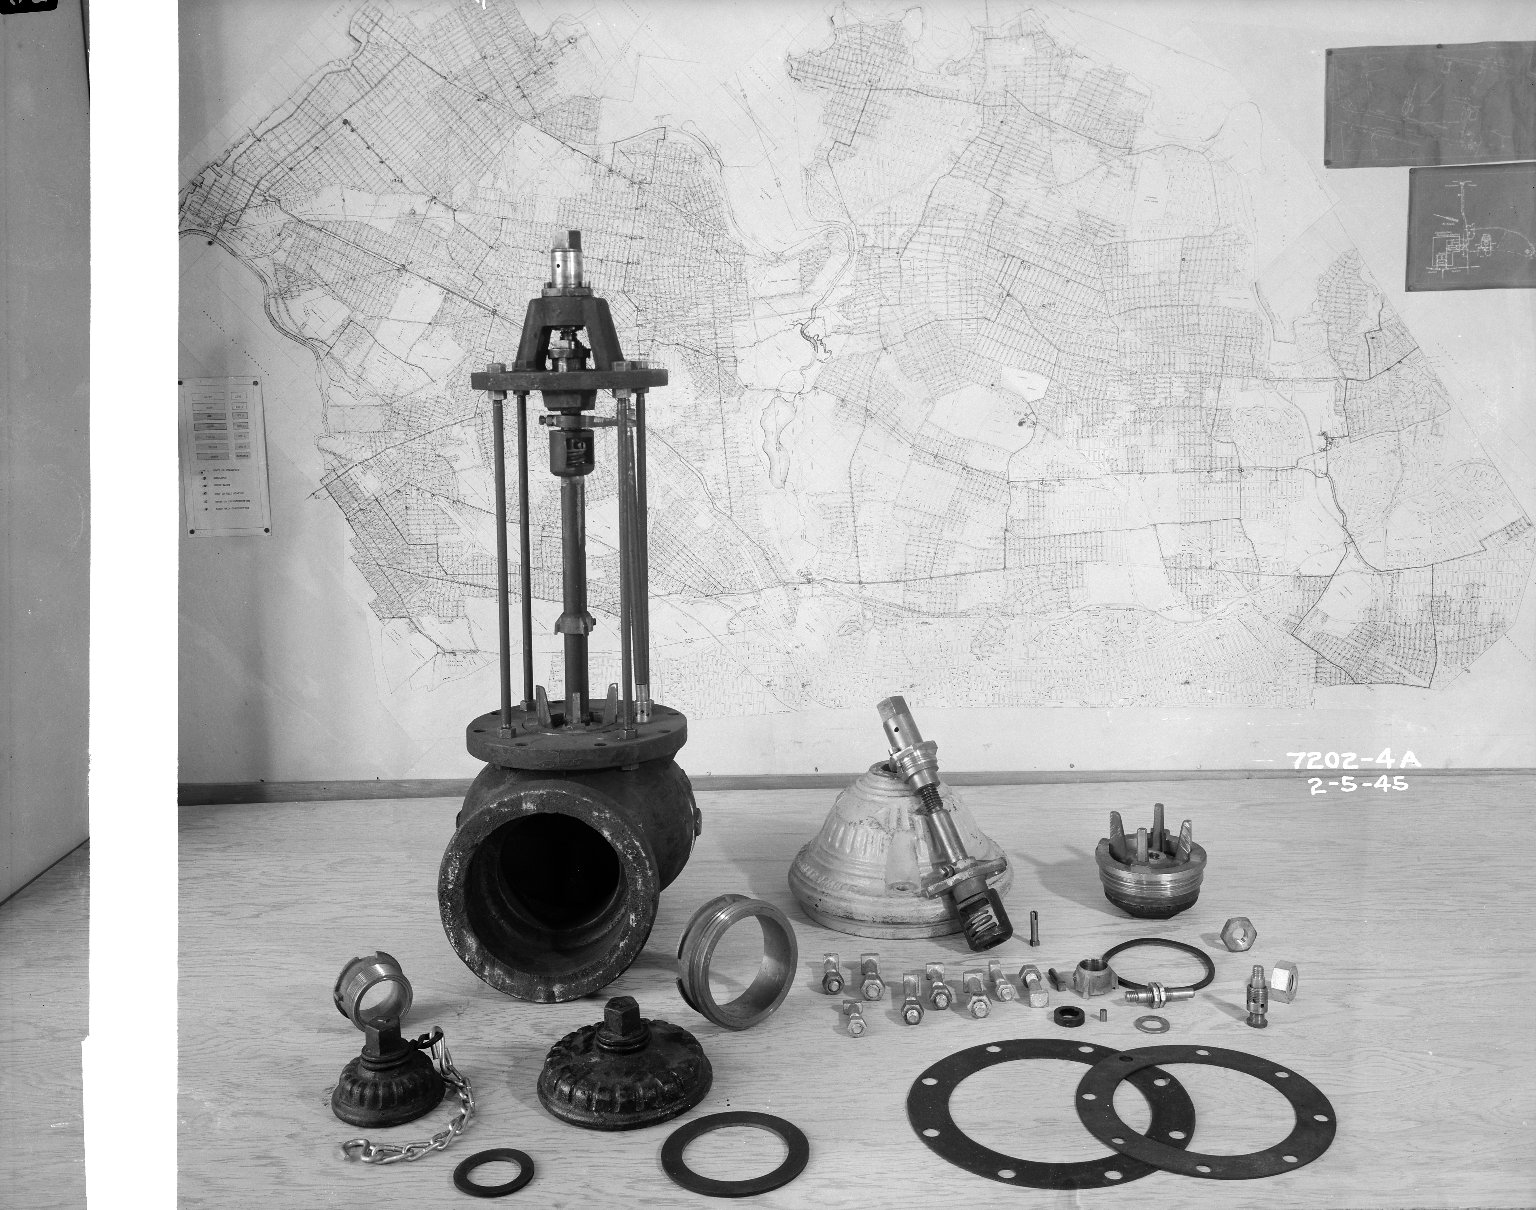 Разобранный пожарный гидрант. Нью-Йорк, США. 1945 год